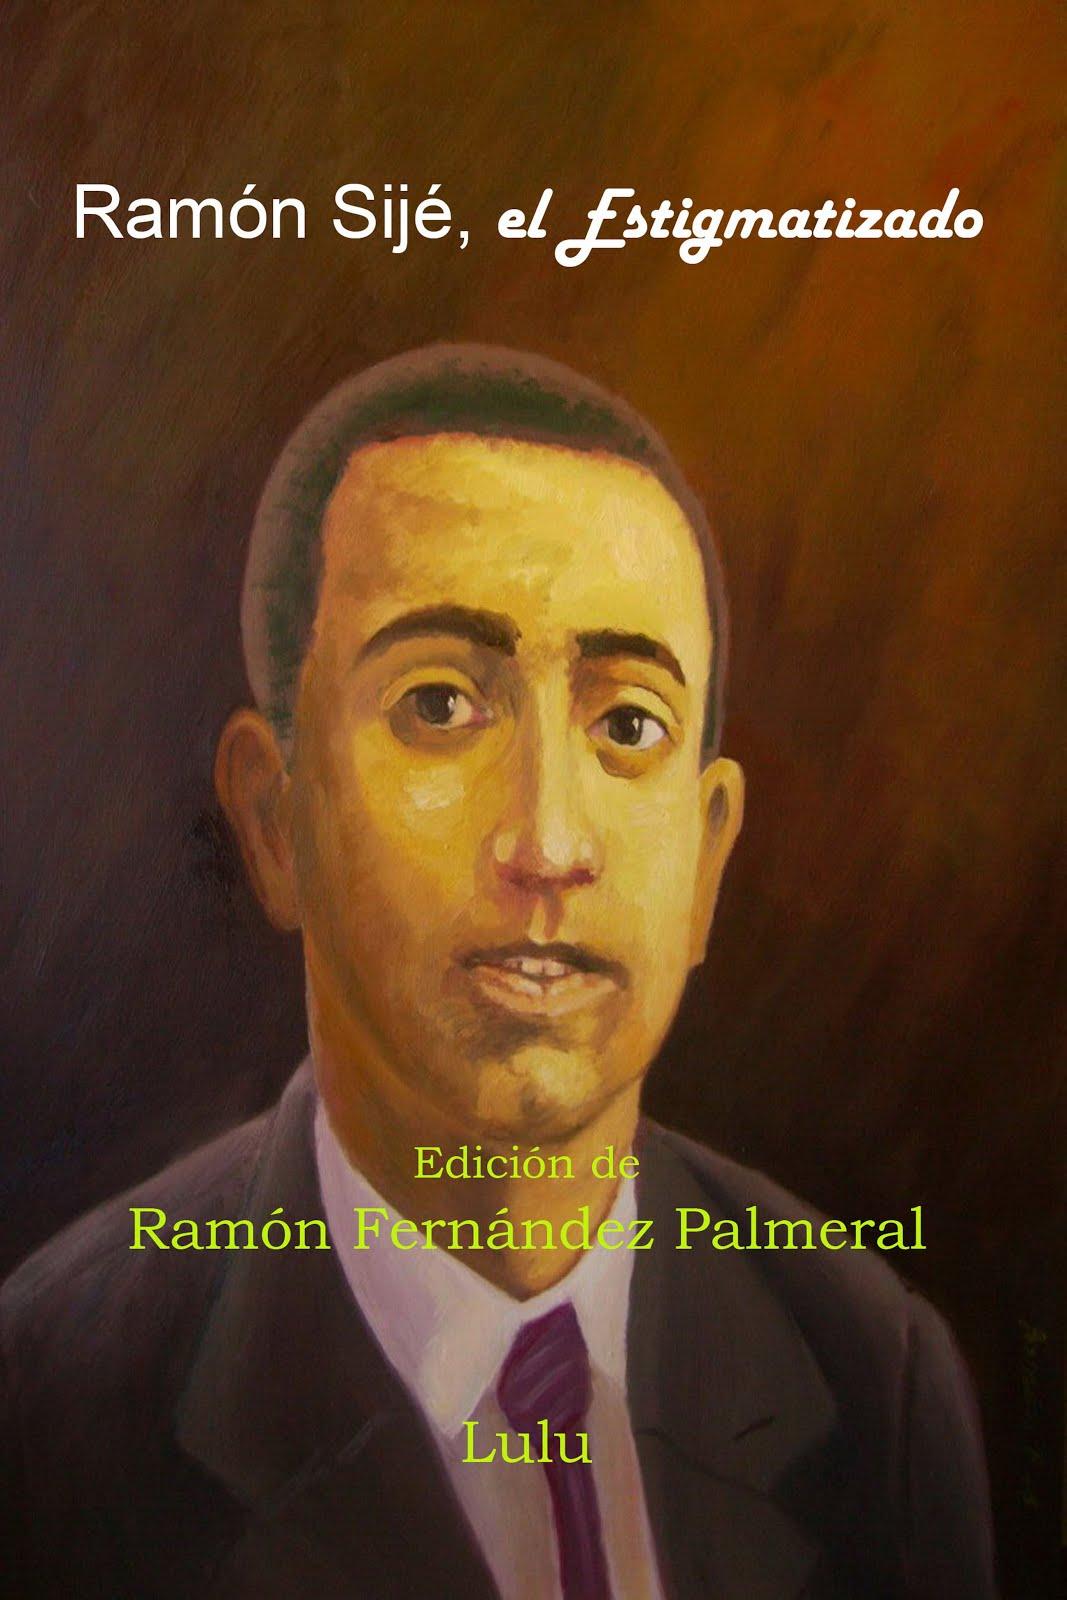 Ramón Sijé, el Estigmatizado